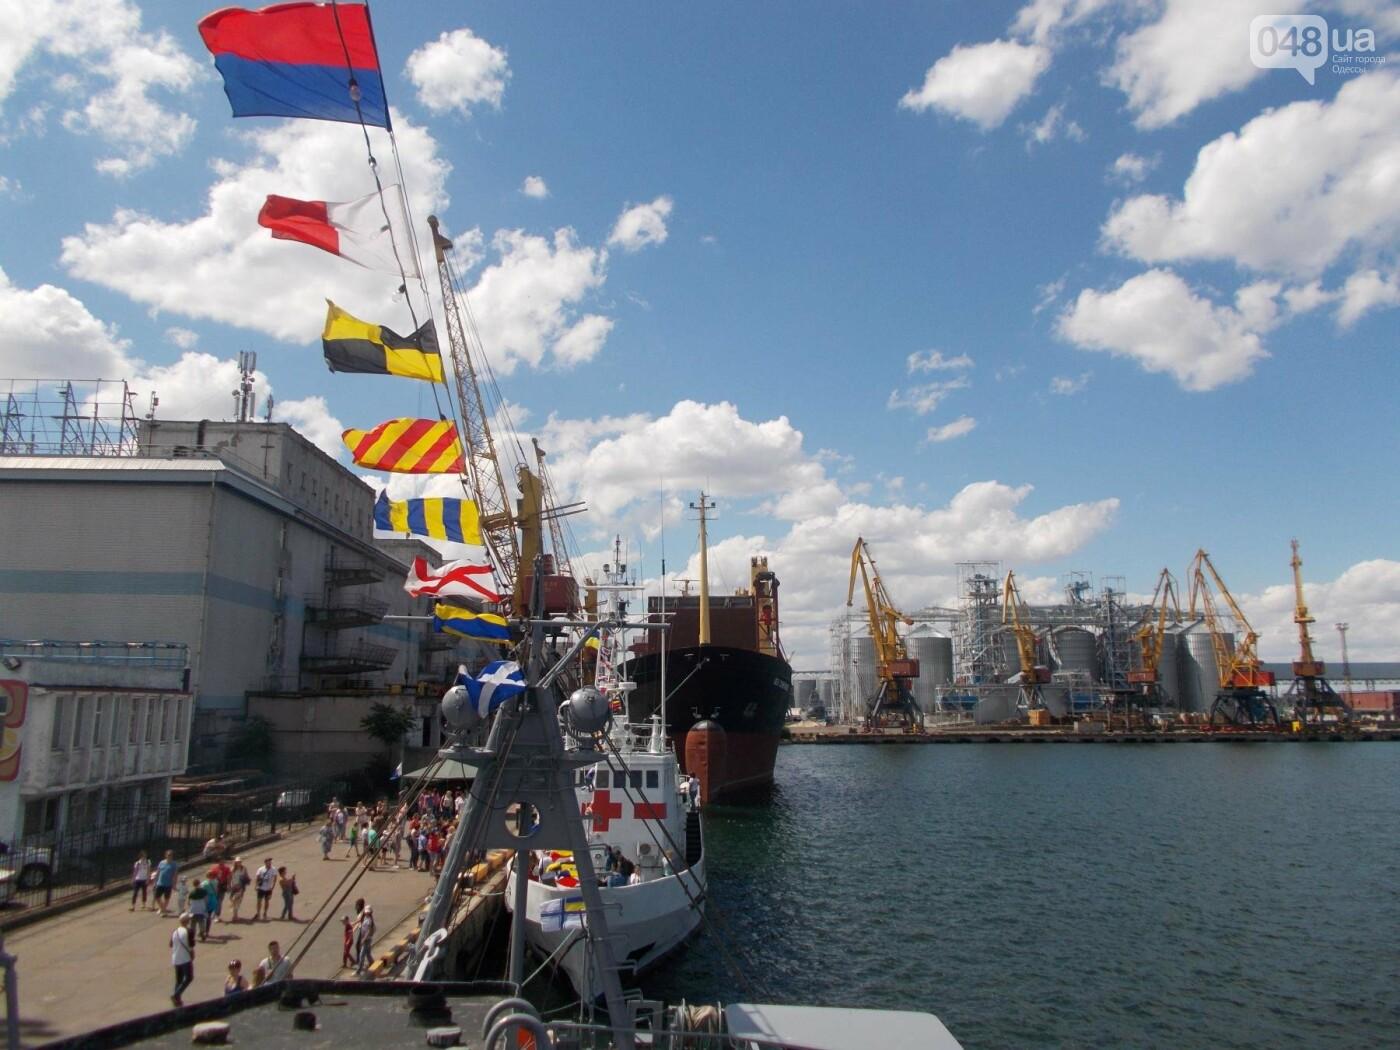 День Военно-морских сил Украины отпраздновали на Одесском морвокзале, - ФОТО , фото-25